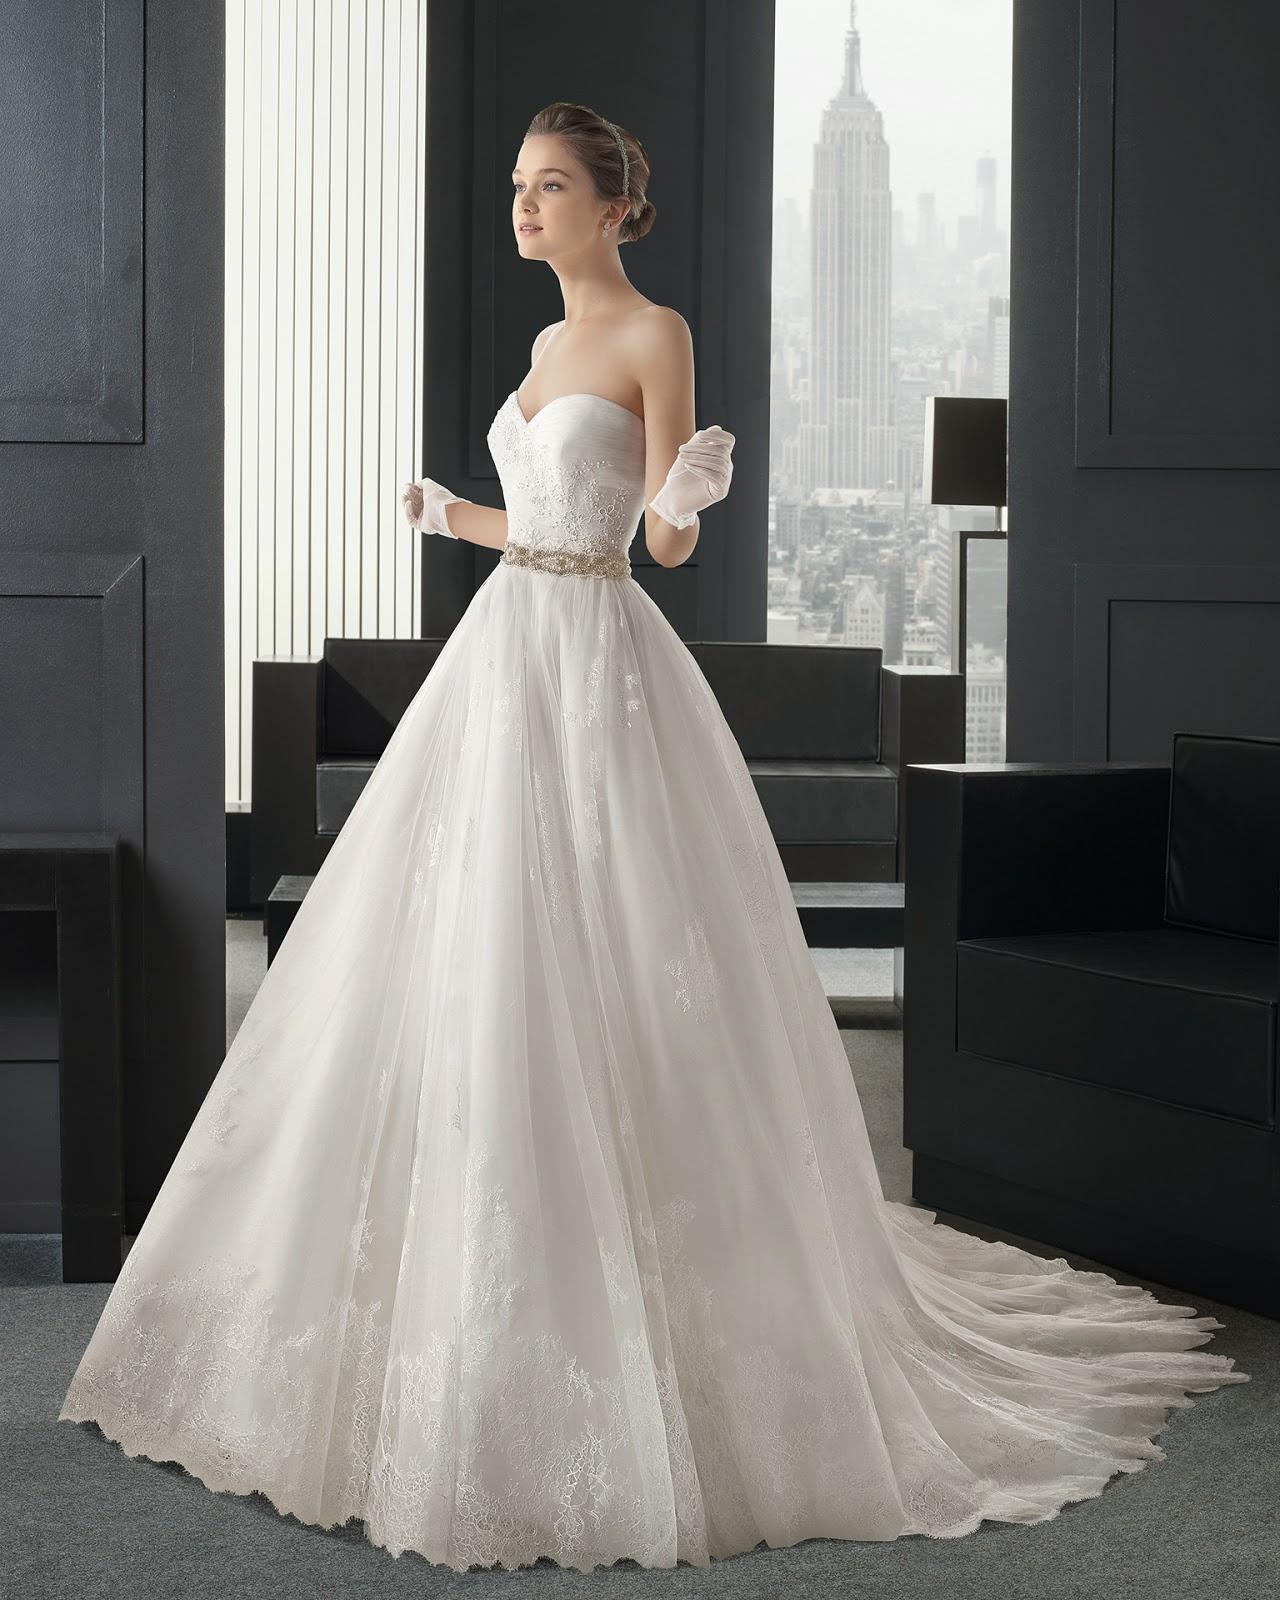 forte j243ia vestidos de noiva colec231227o two 2015 rosa clar225